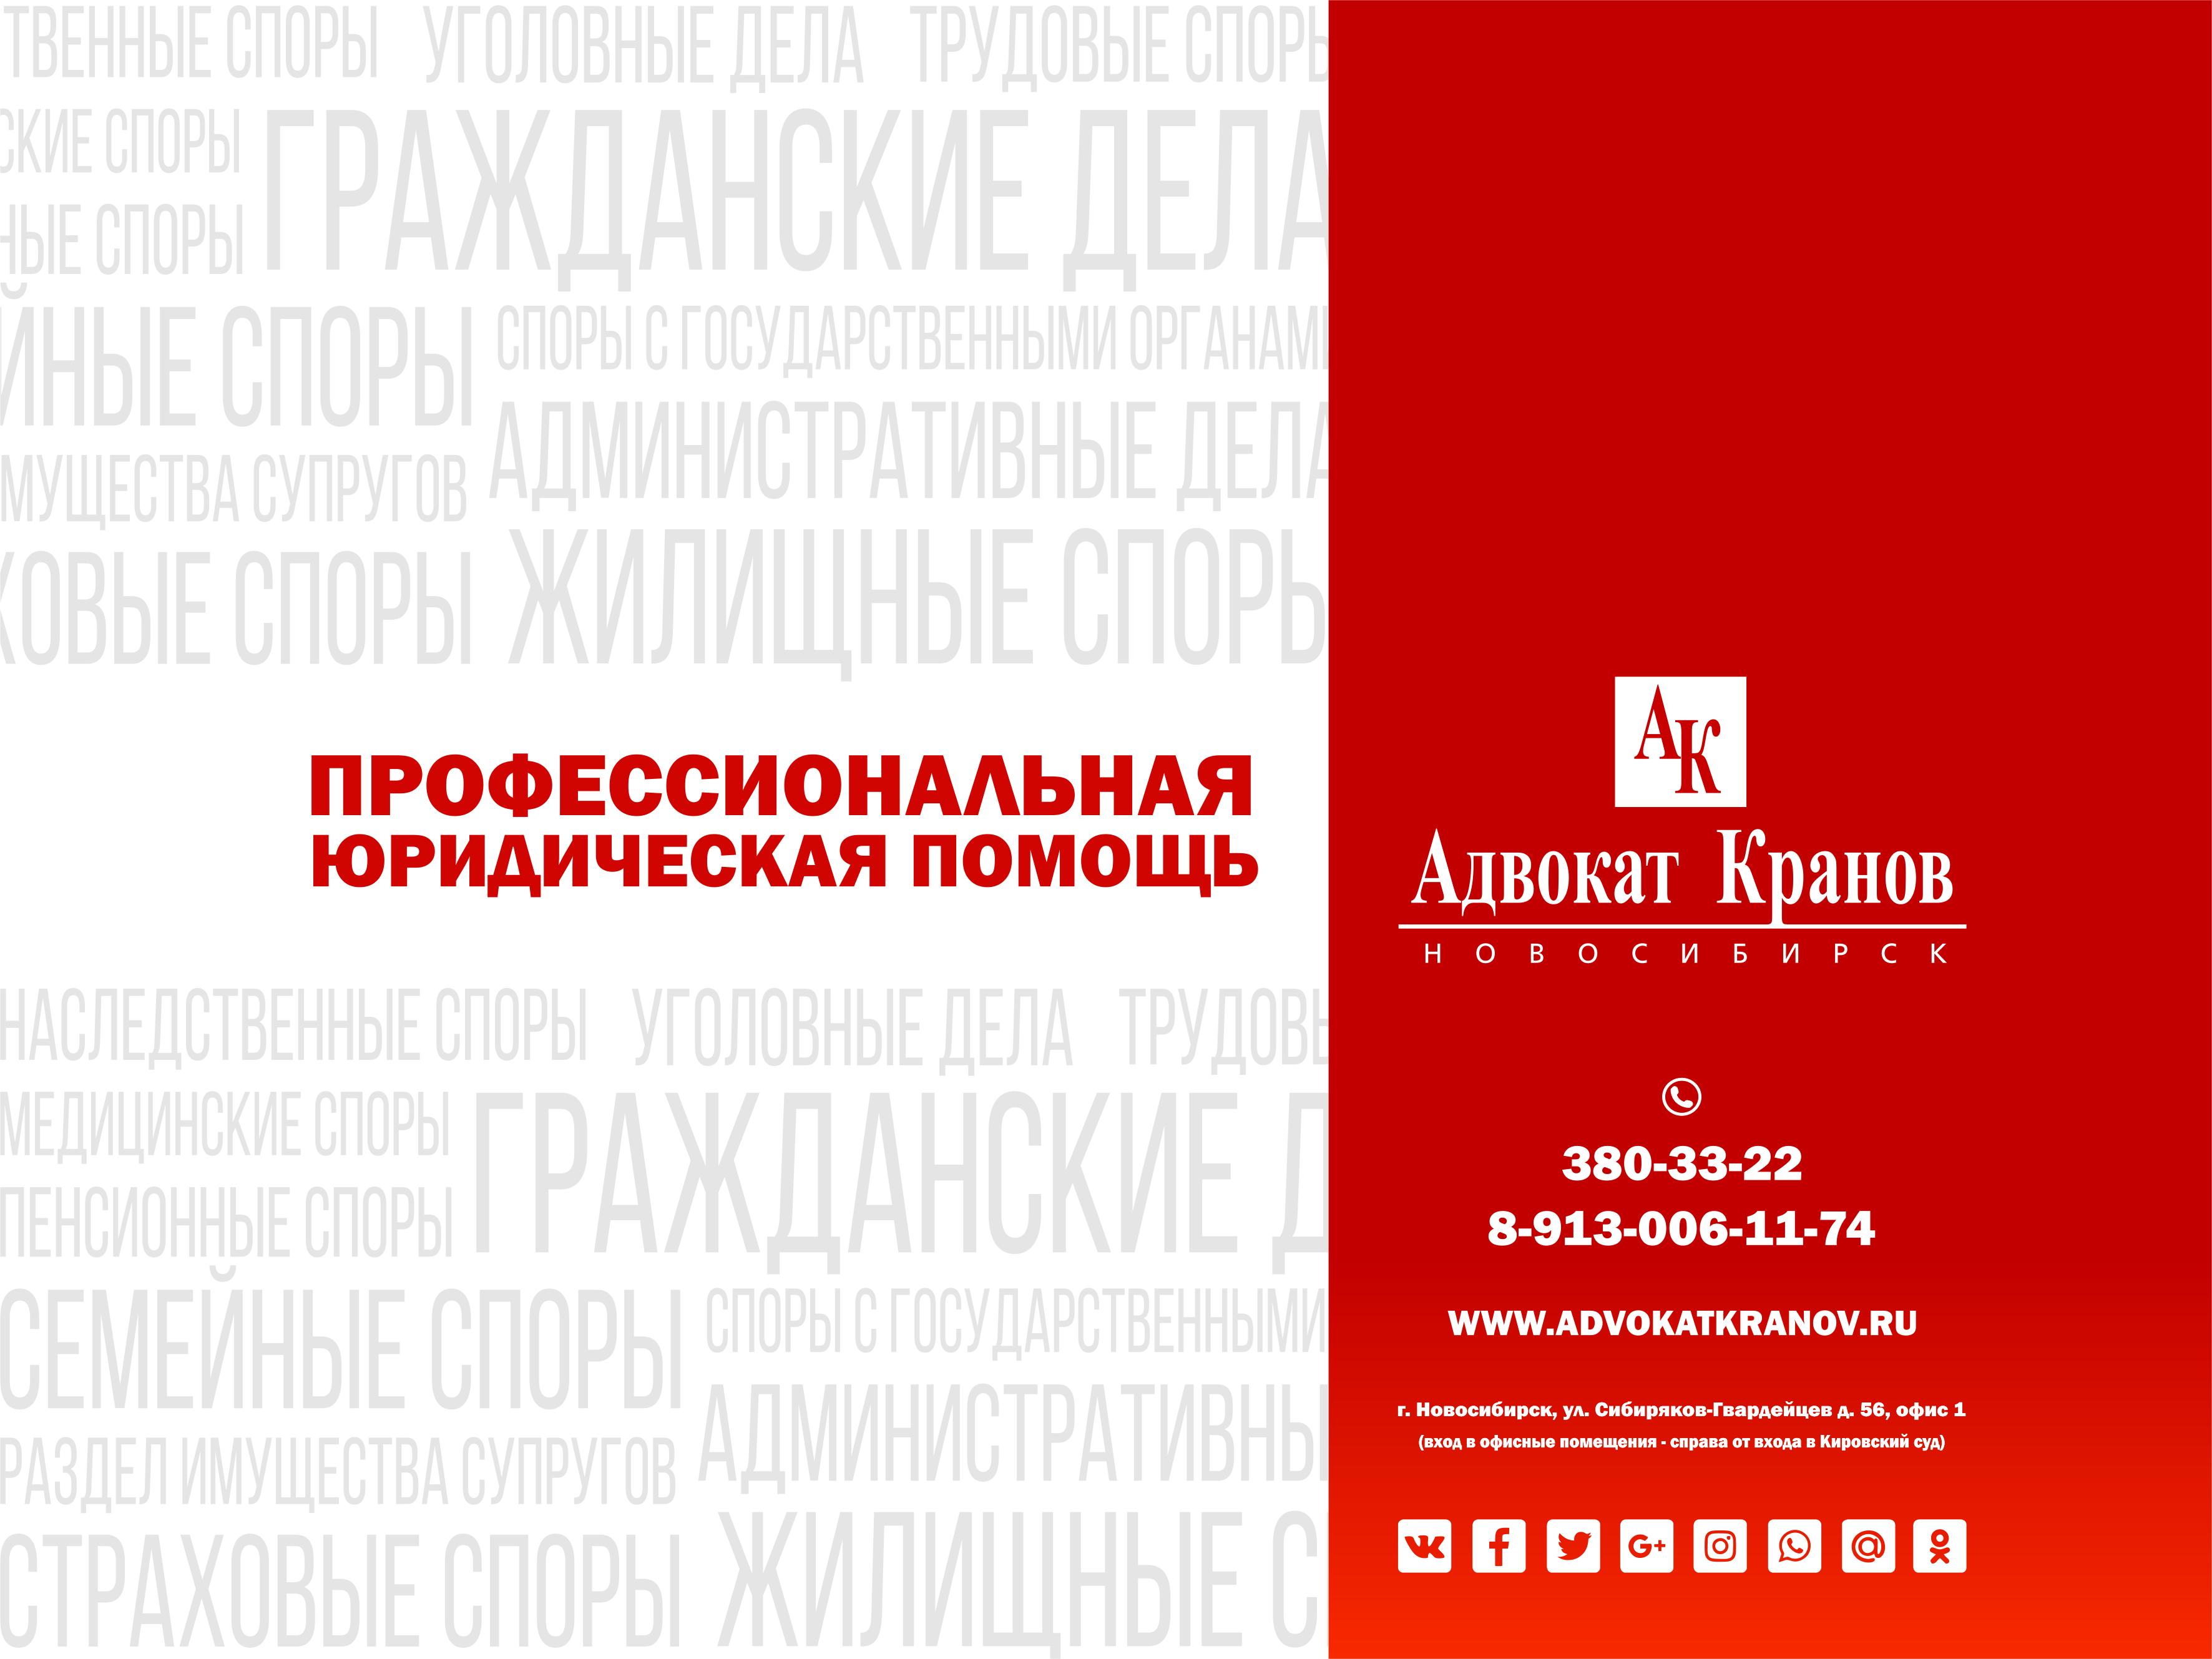 юридическая консультация кировского района новосибирска